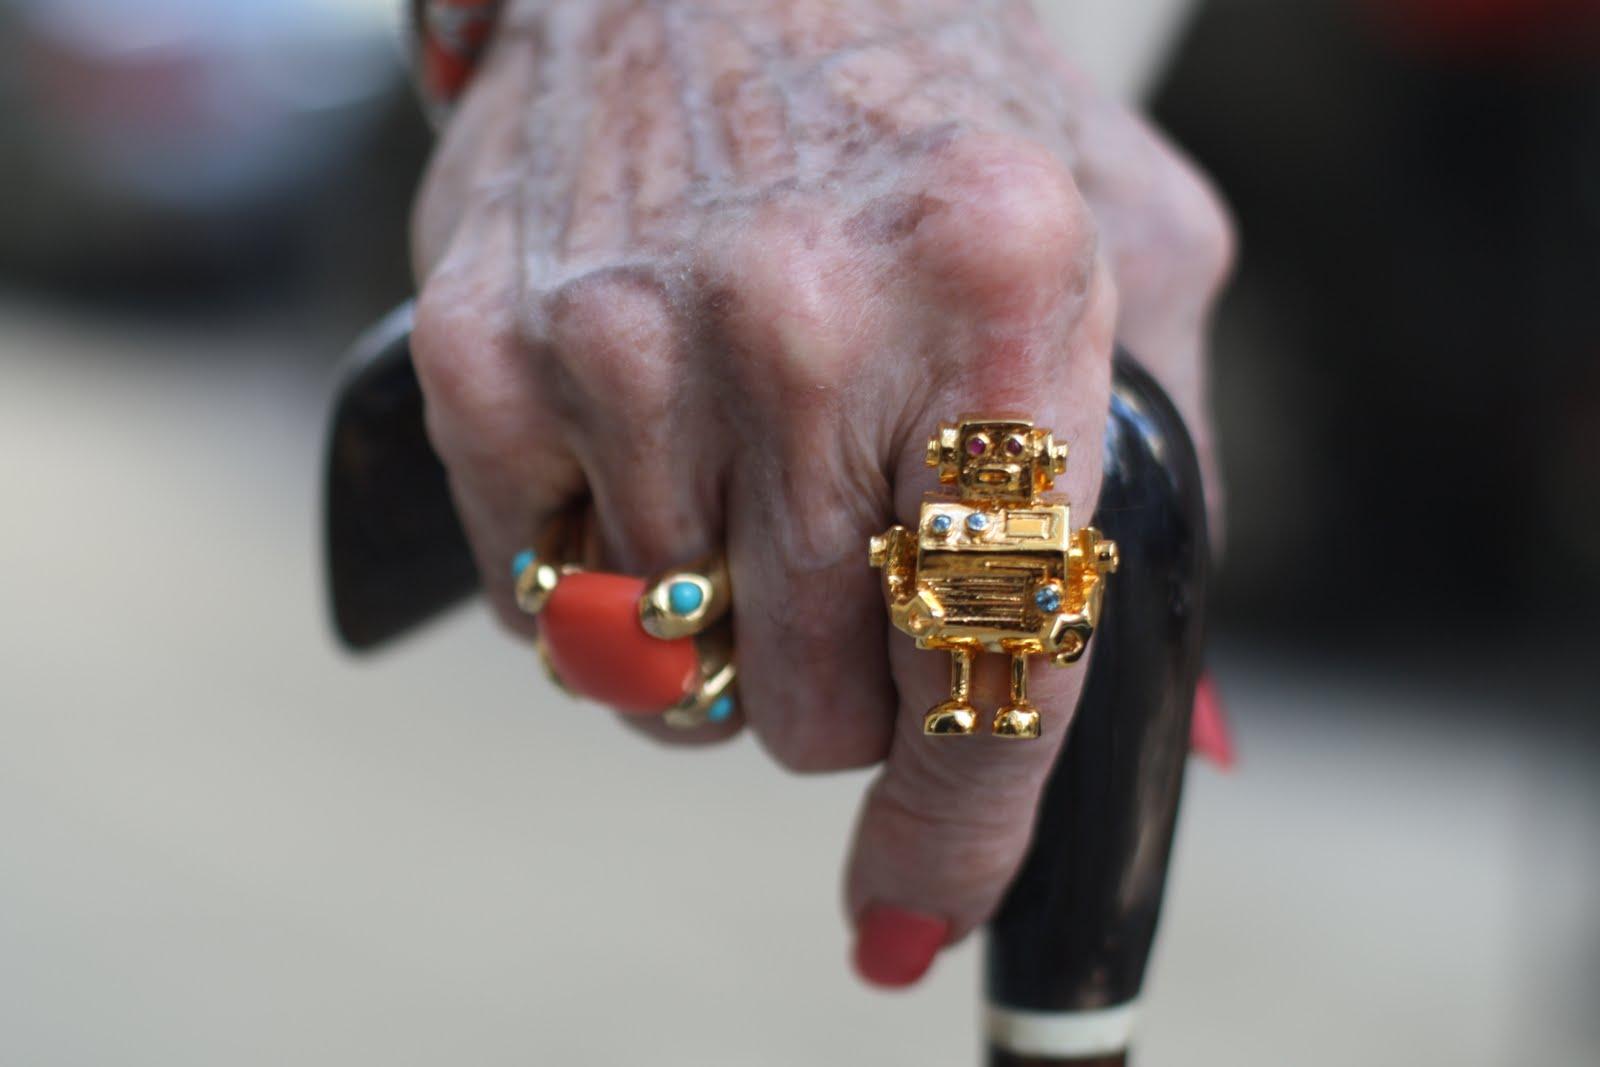 Интересно смотреть на пожилых людей, которые выглядят довольно стильно